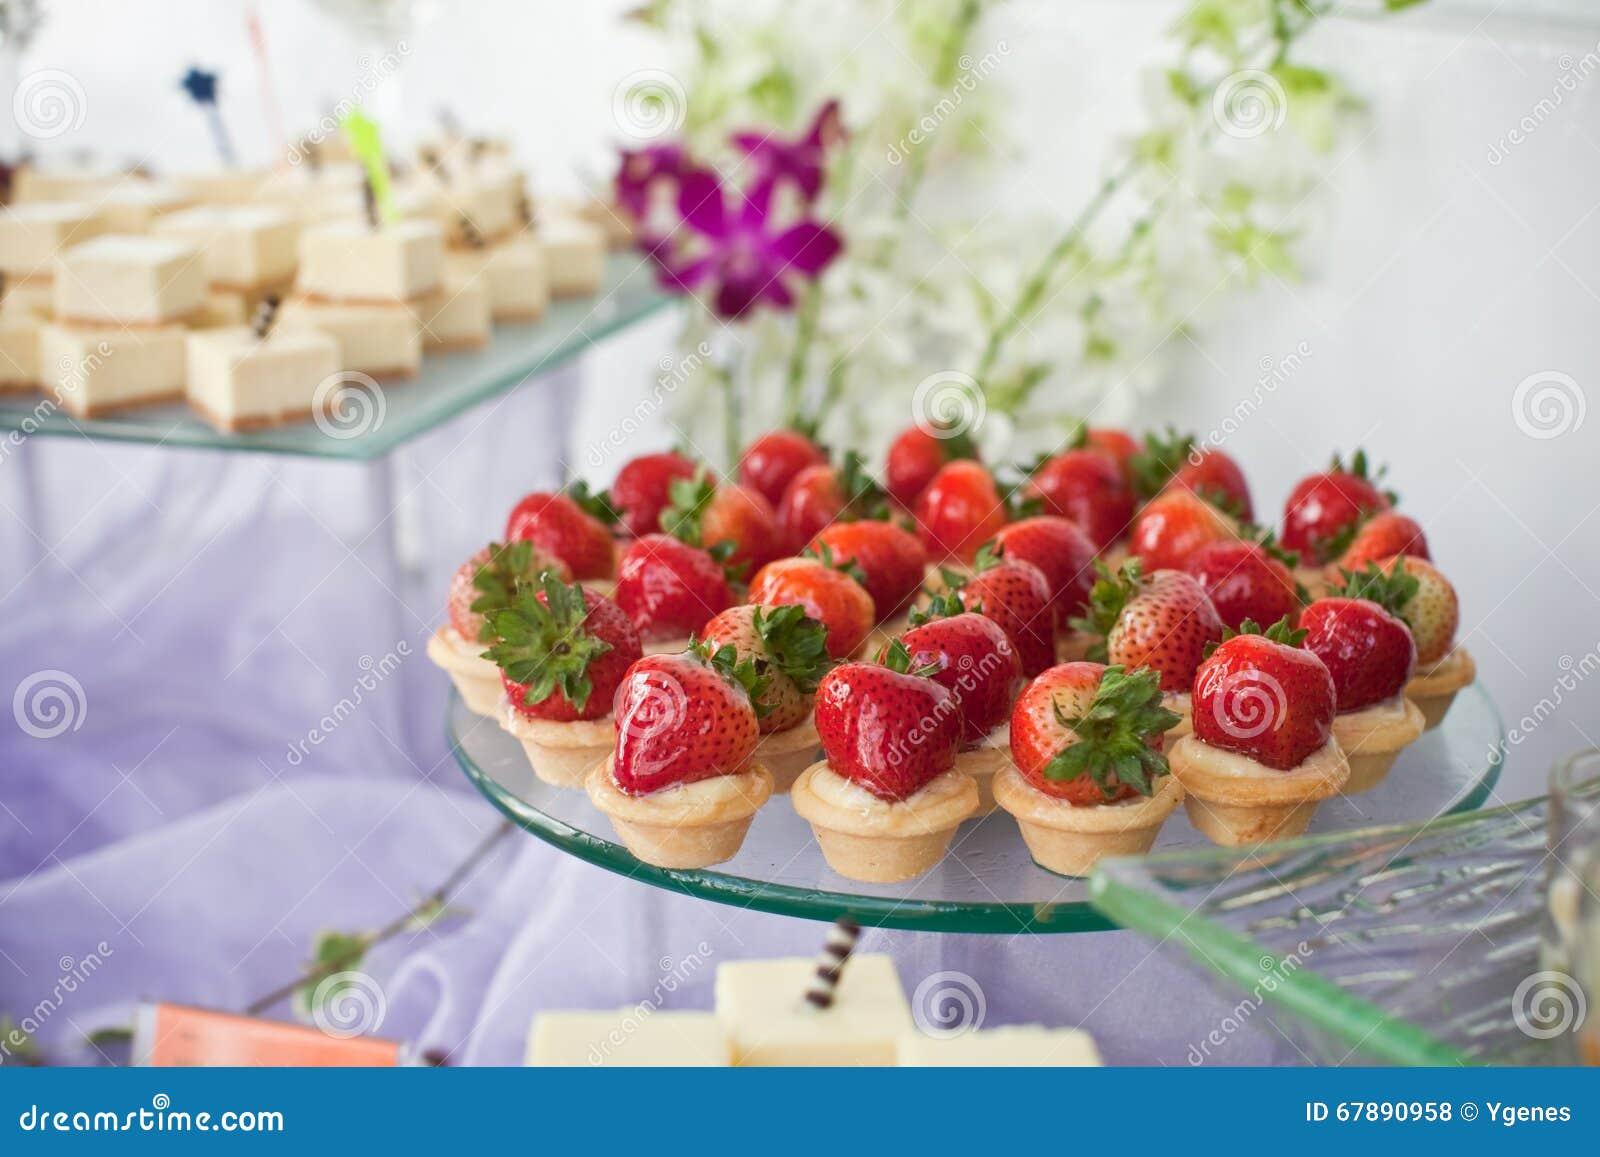 Erdbeere Canapé